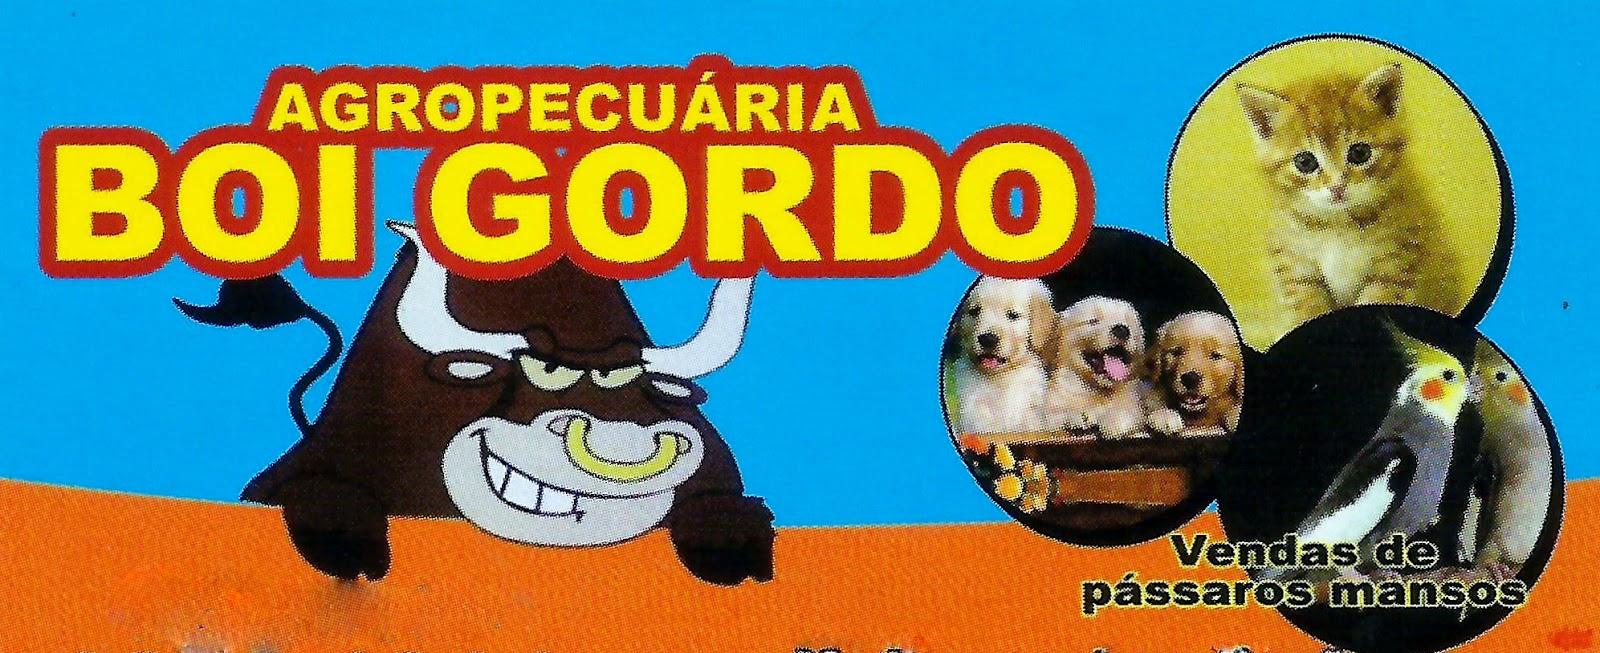 AGROPECUÁRIA BOI GORDO Rua. Nossa Senhora das Dores, 244 Centro - Sarapuí - SP tel: (15) 3276-1314 / 99734-5916